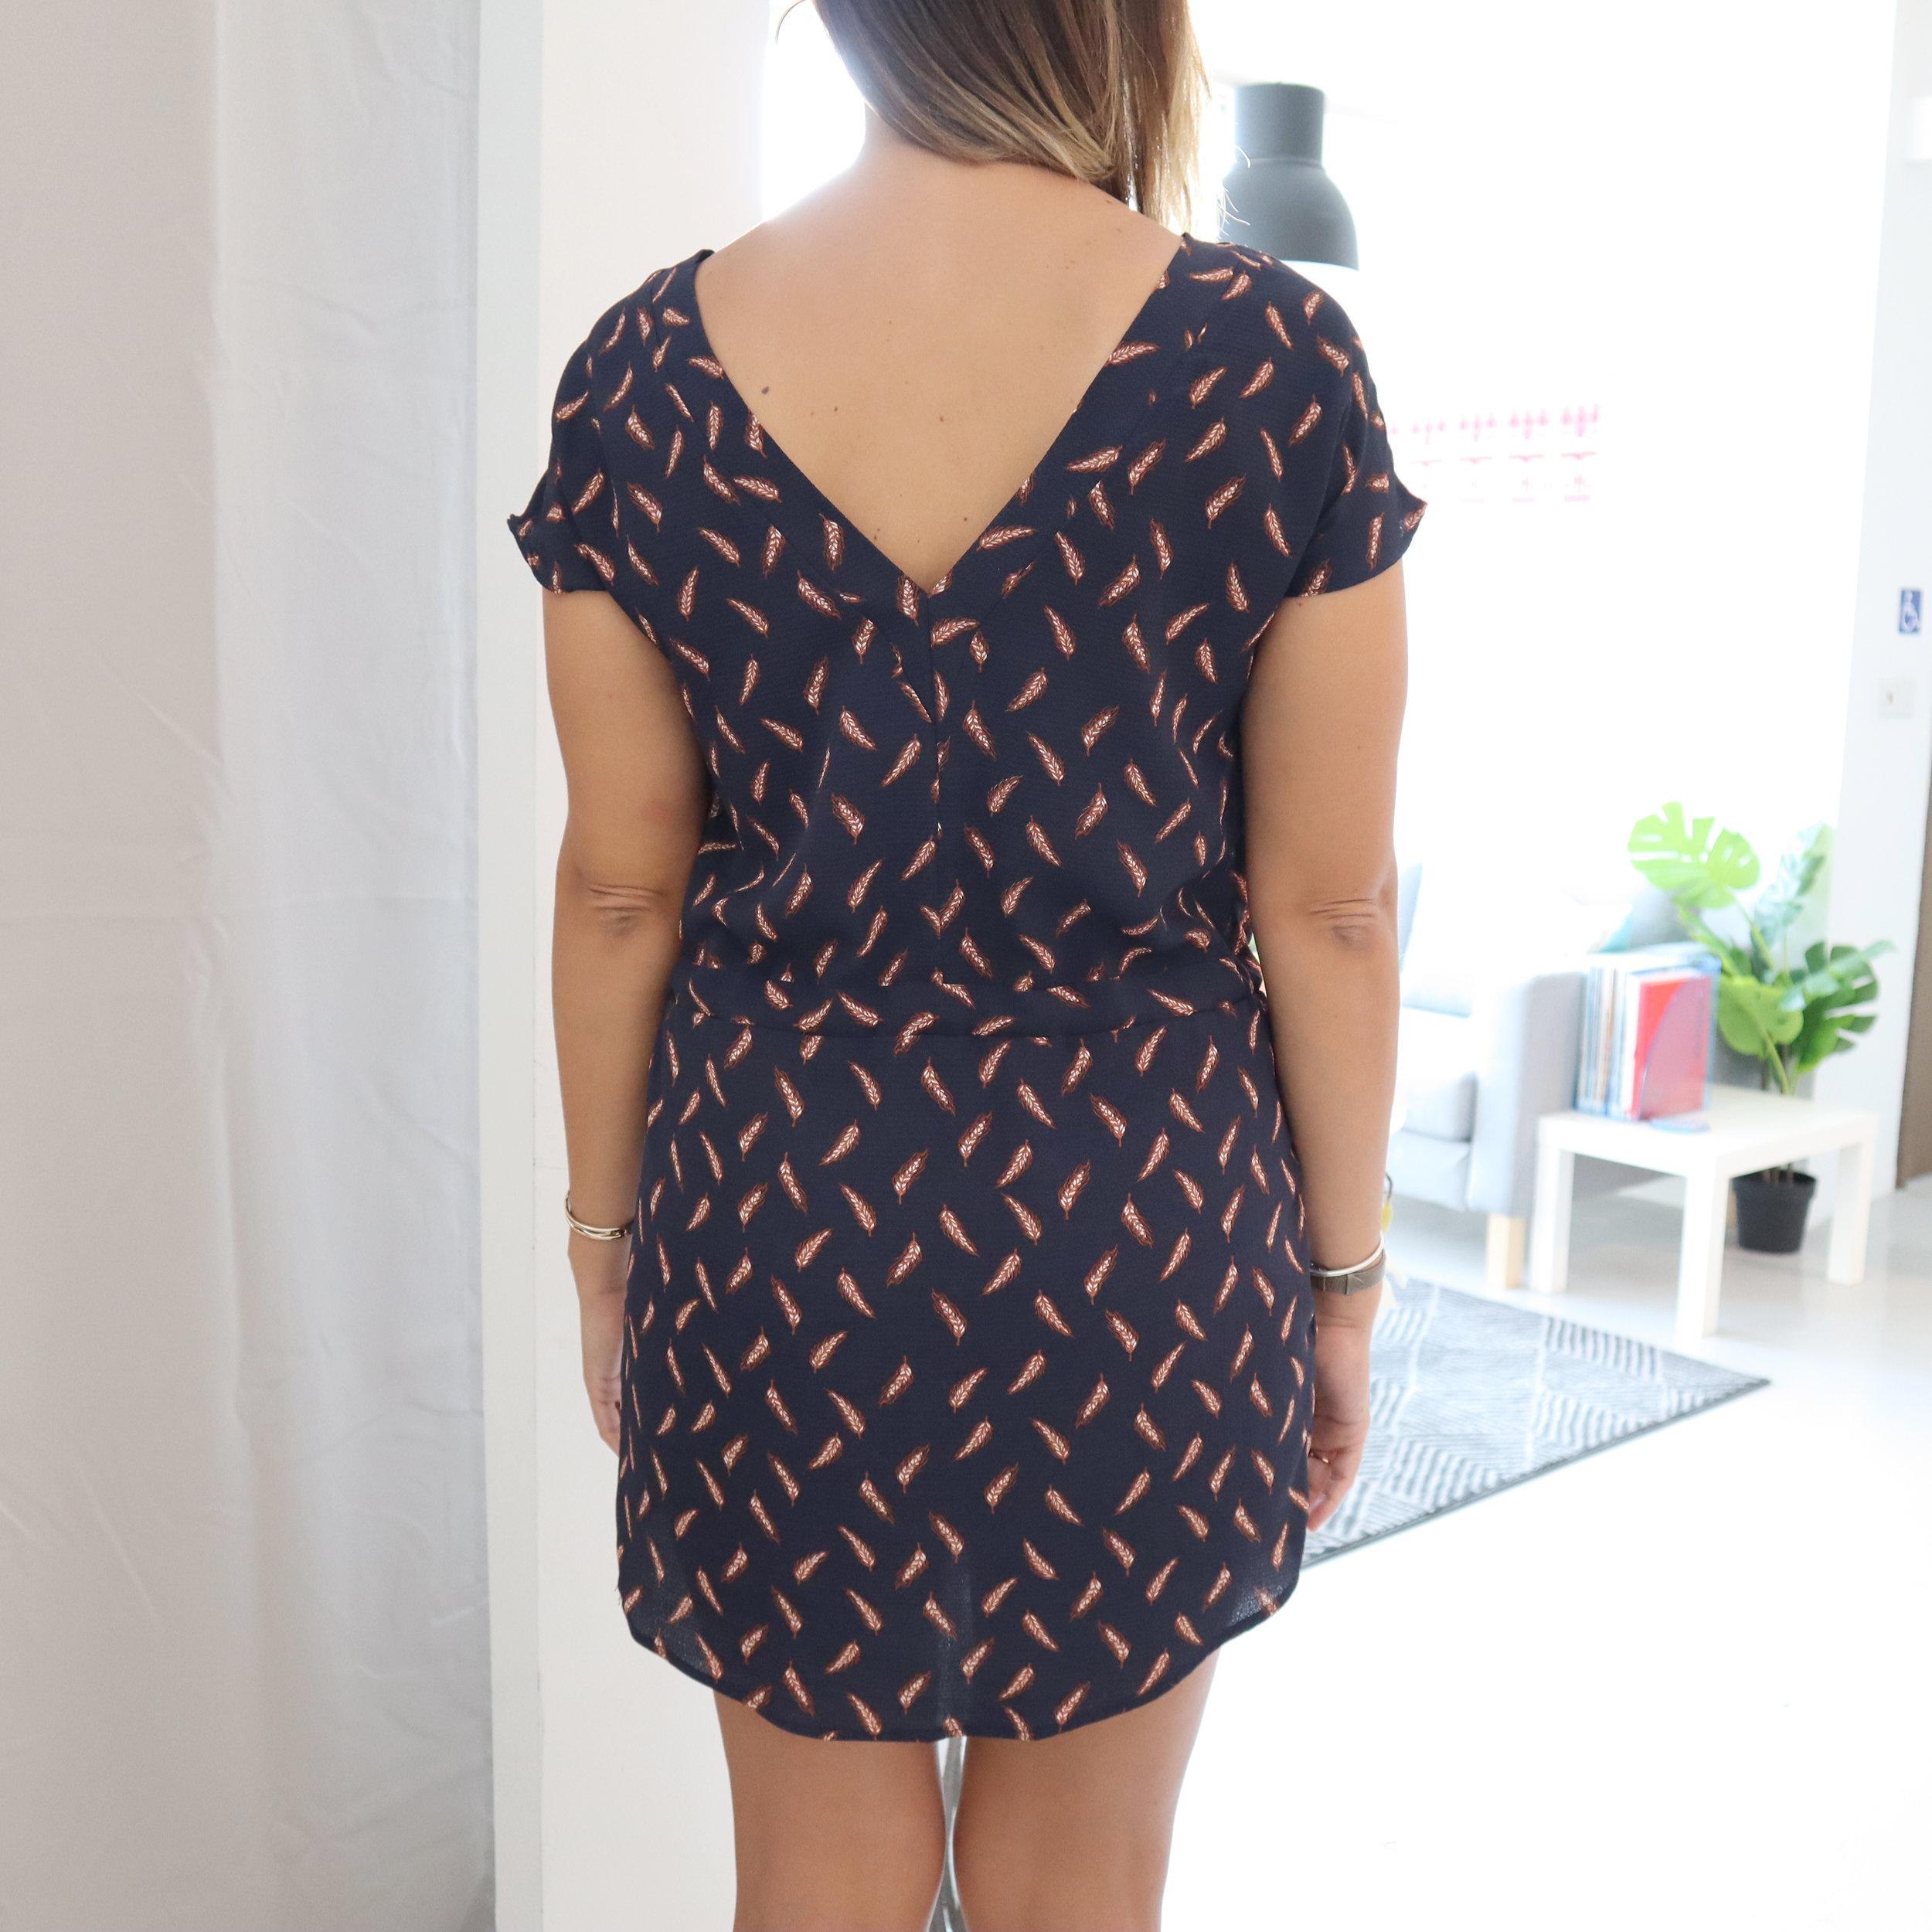 v-back_dress_back - Copy.jpg